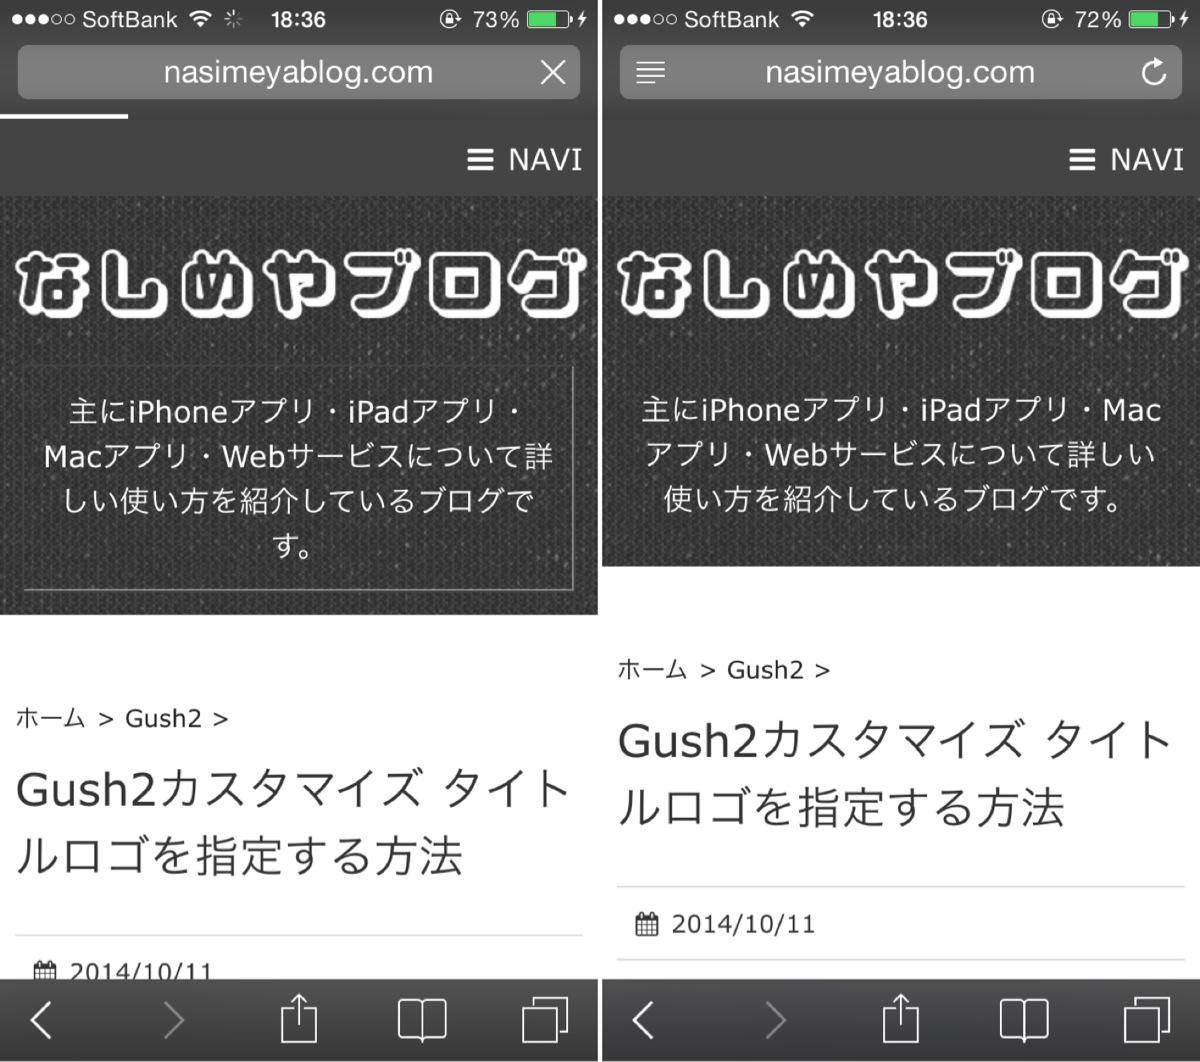 gush2カスタマイズ ヘッダーの背景画像変更方法